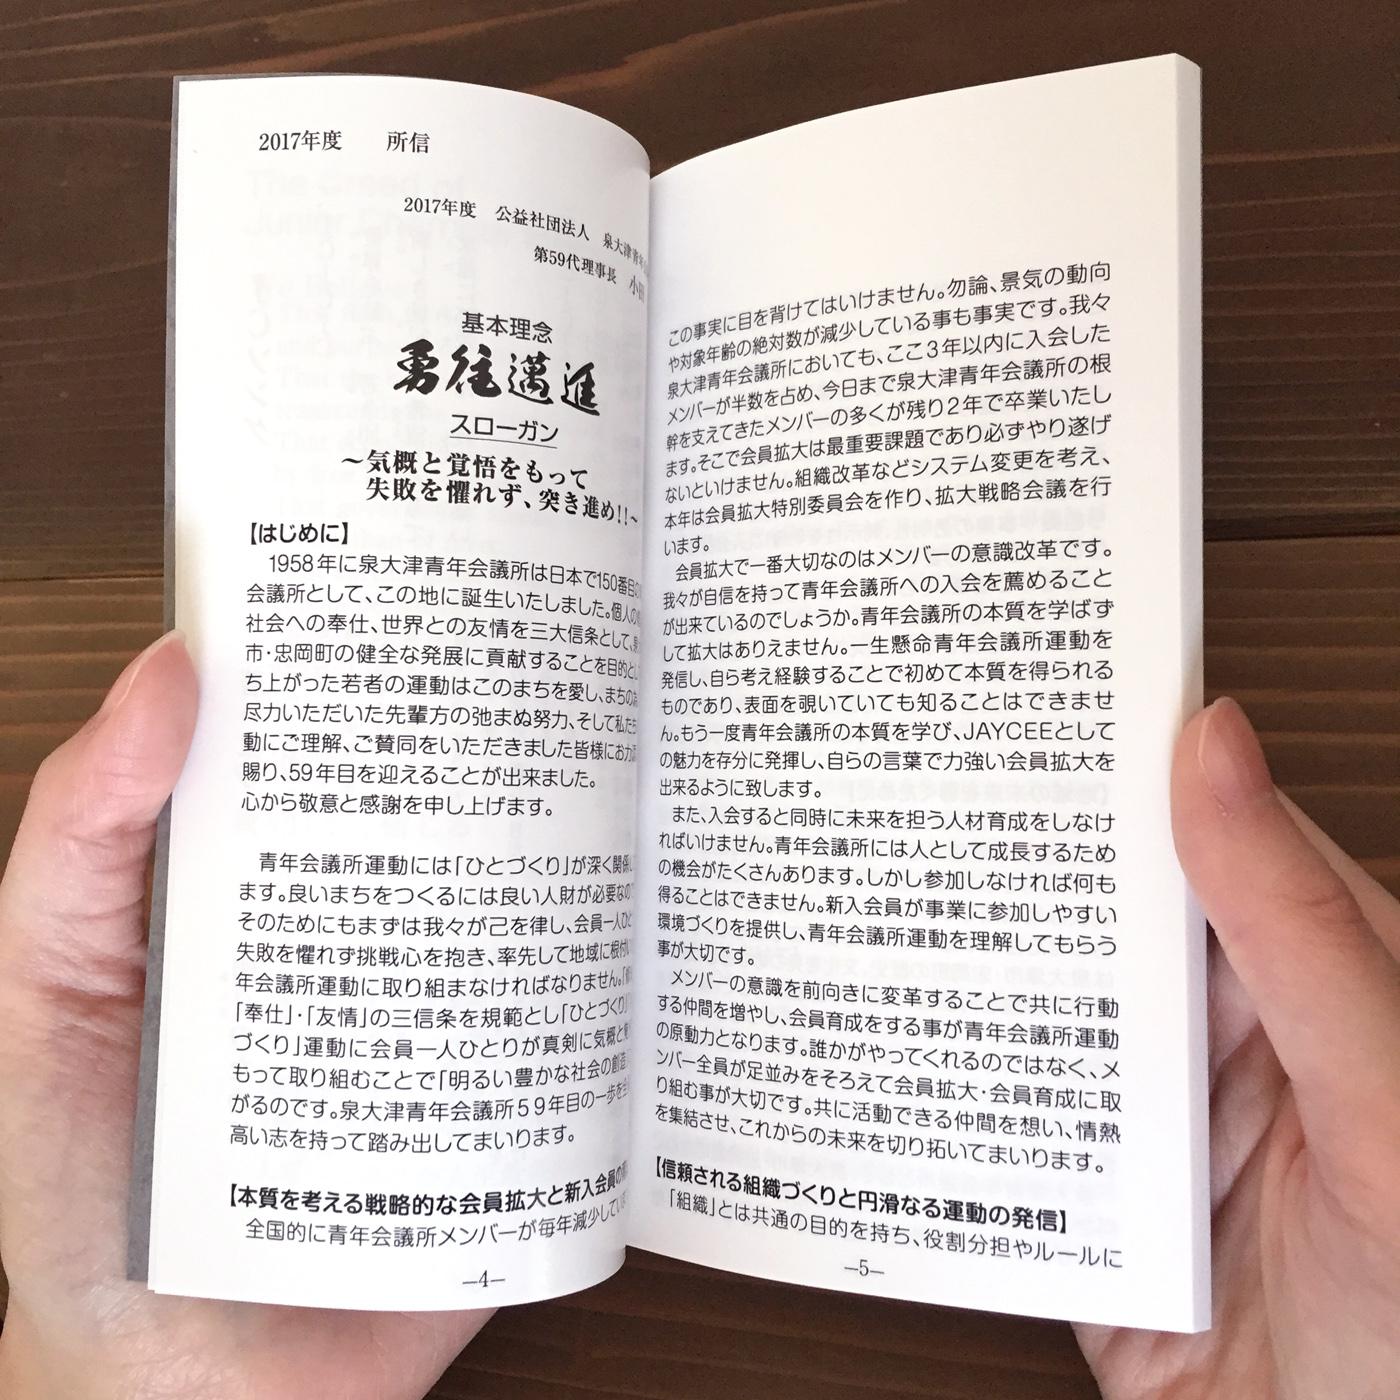 JCI 泉大津青年会議所 会員名簿